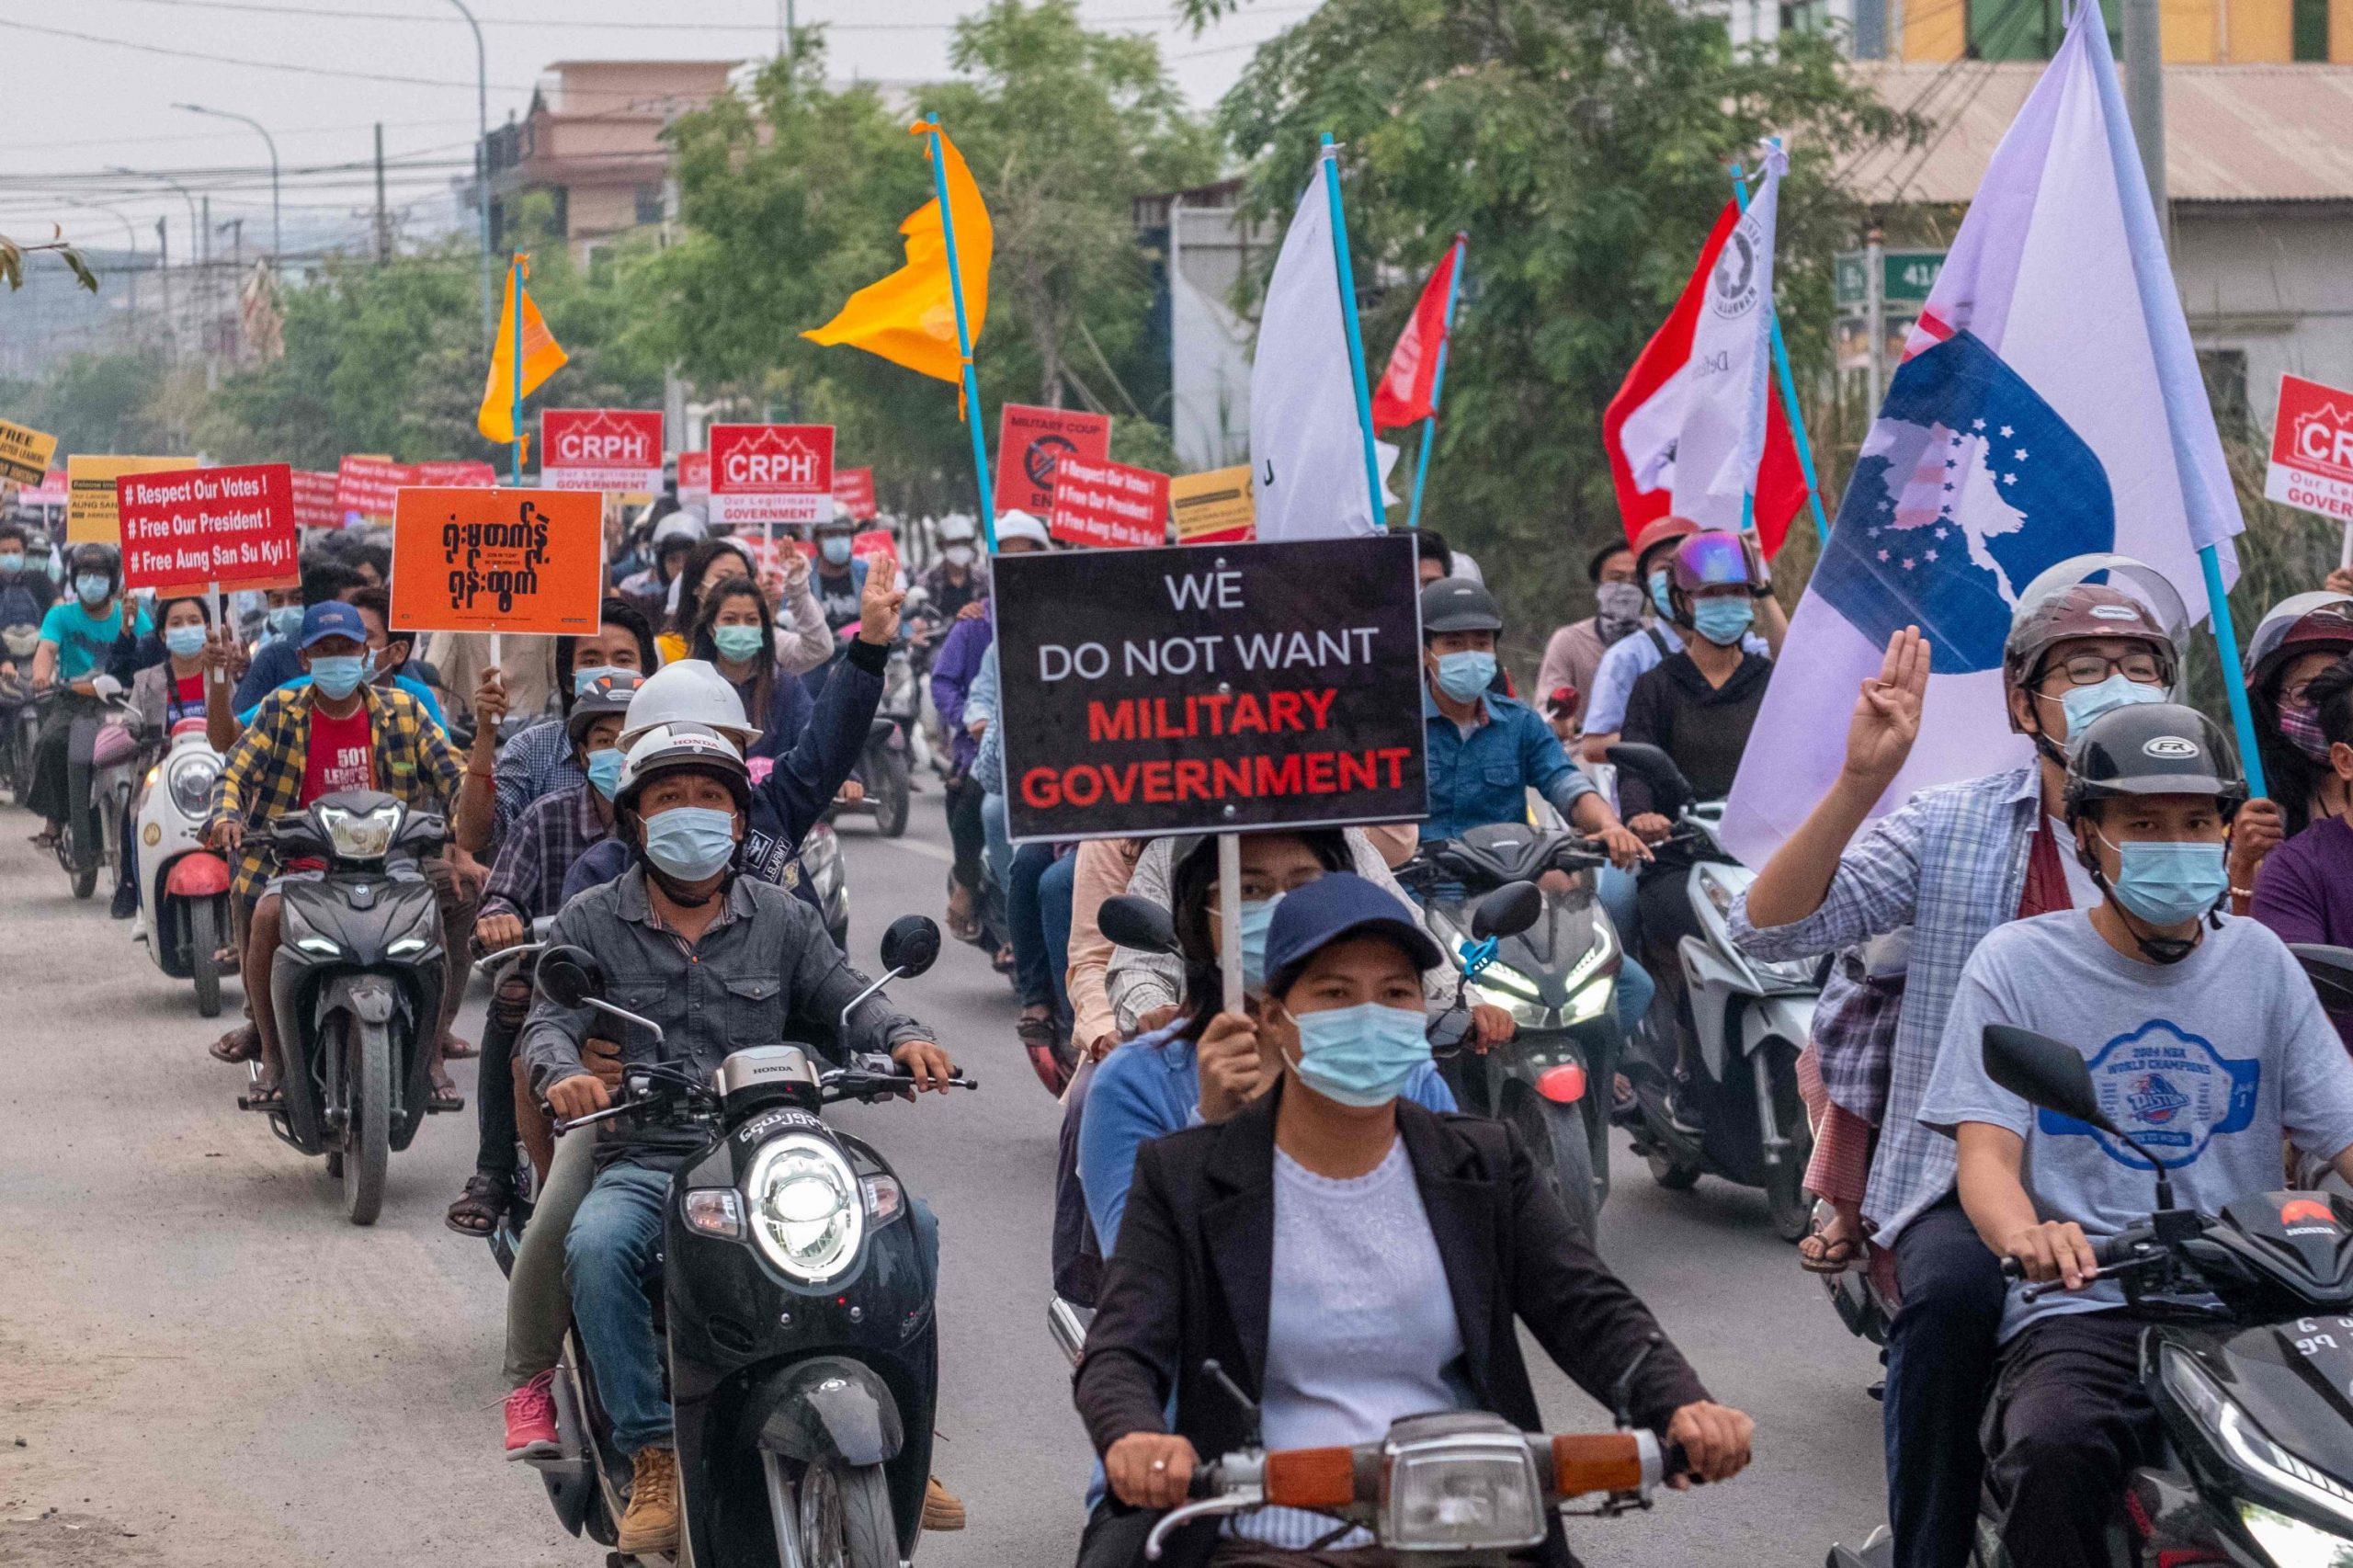 Manifestation contre le coup d'État des militaires birmans, à Mandalay le 4 avril 2021. (Source : Daily Sabah)